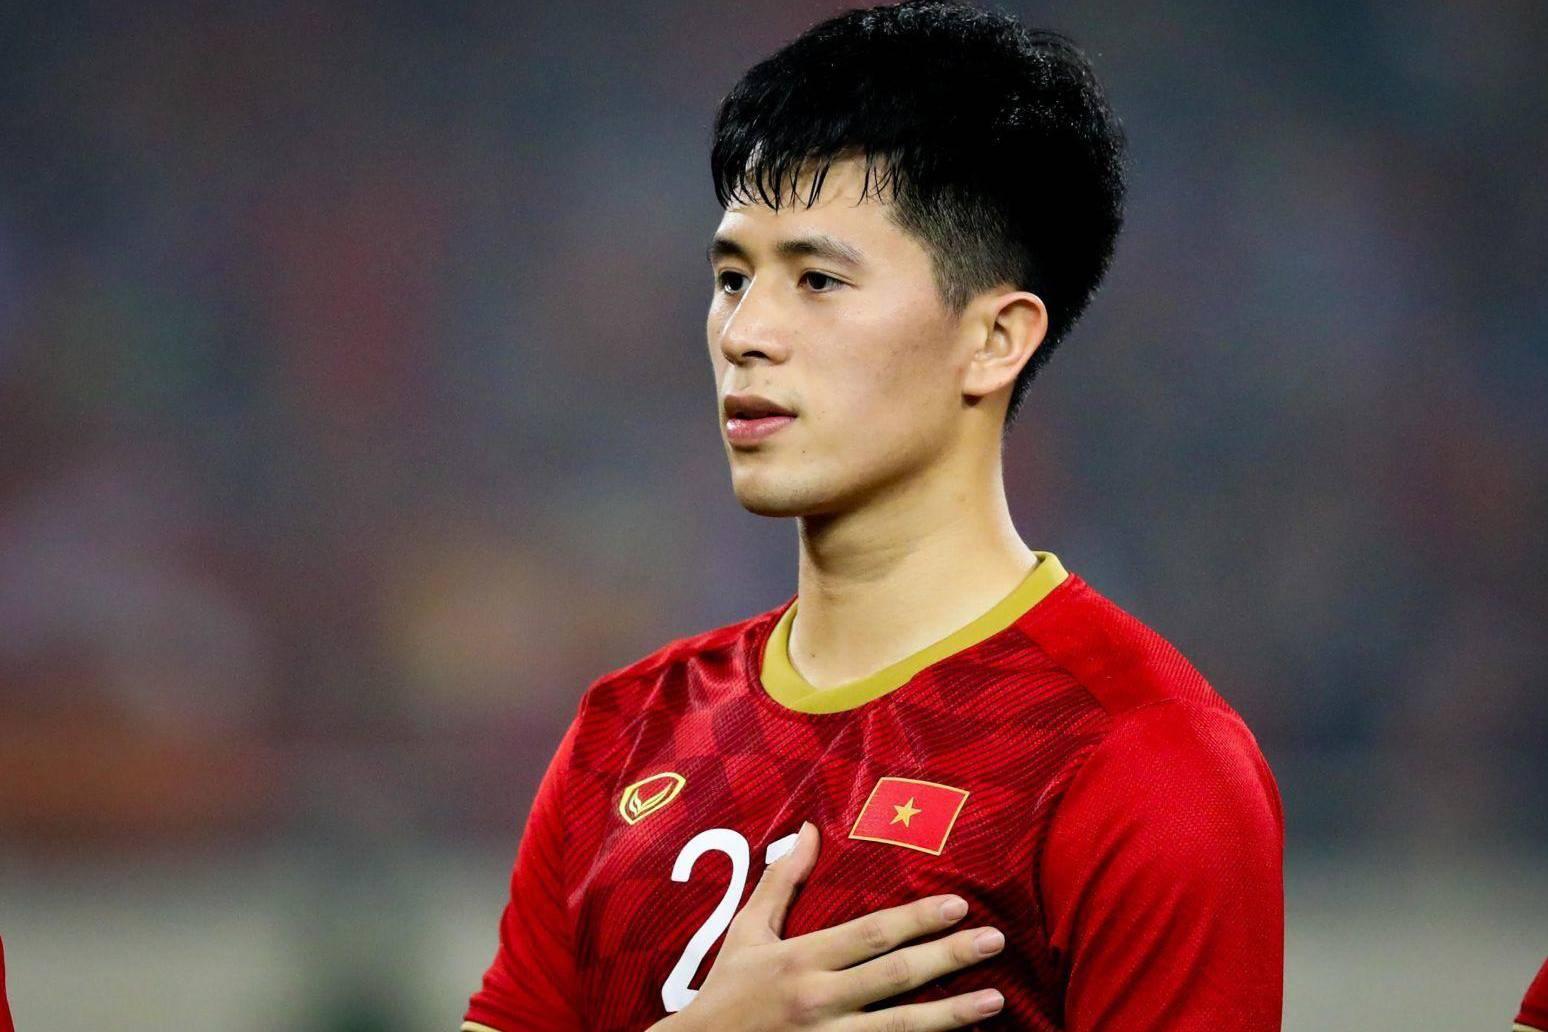 Danh sách U23 Việt Nam dự VCK U23 châu Á: Đình Trọng bất ngờ bị loại